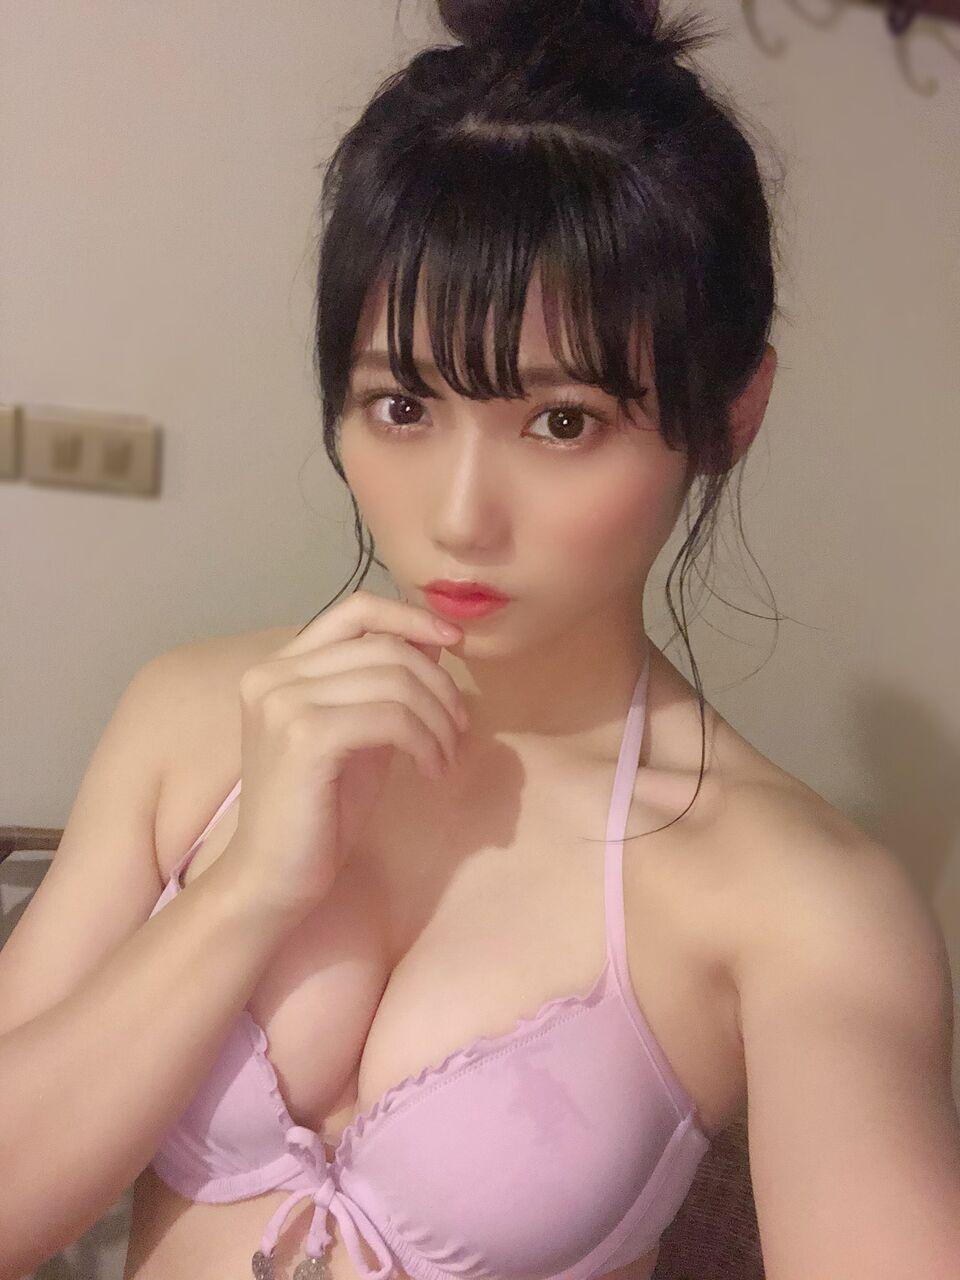 菖蒲まりんエロ画像ESIwNKbU8AAlZlK.jpg large